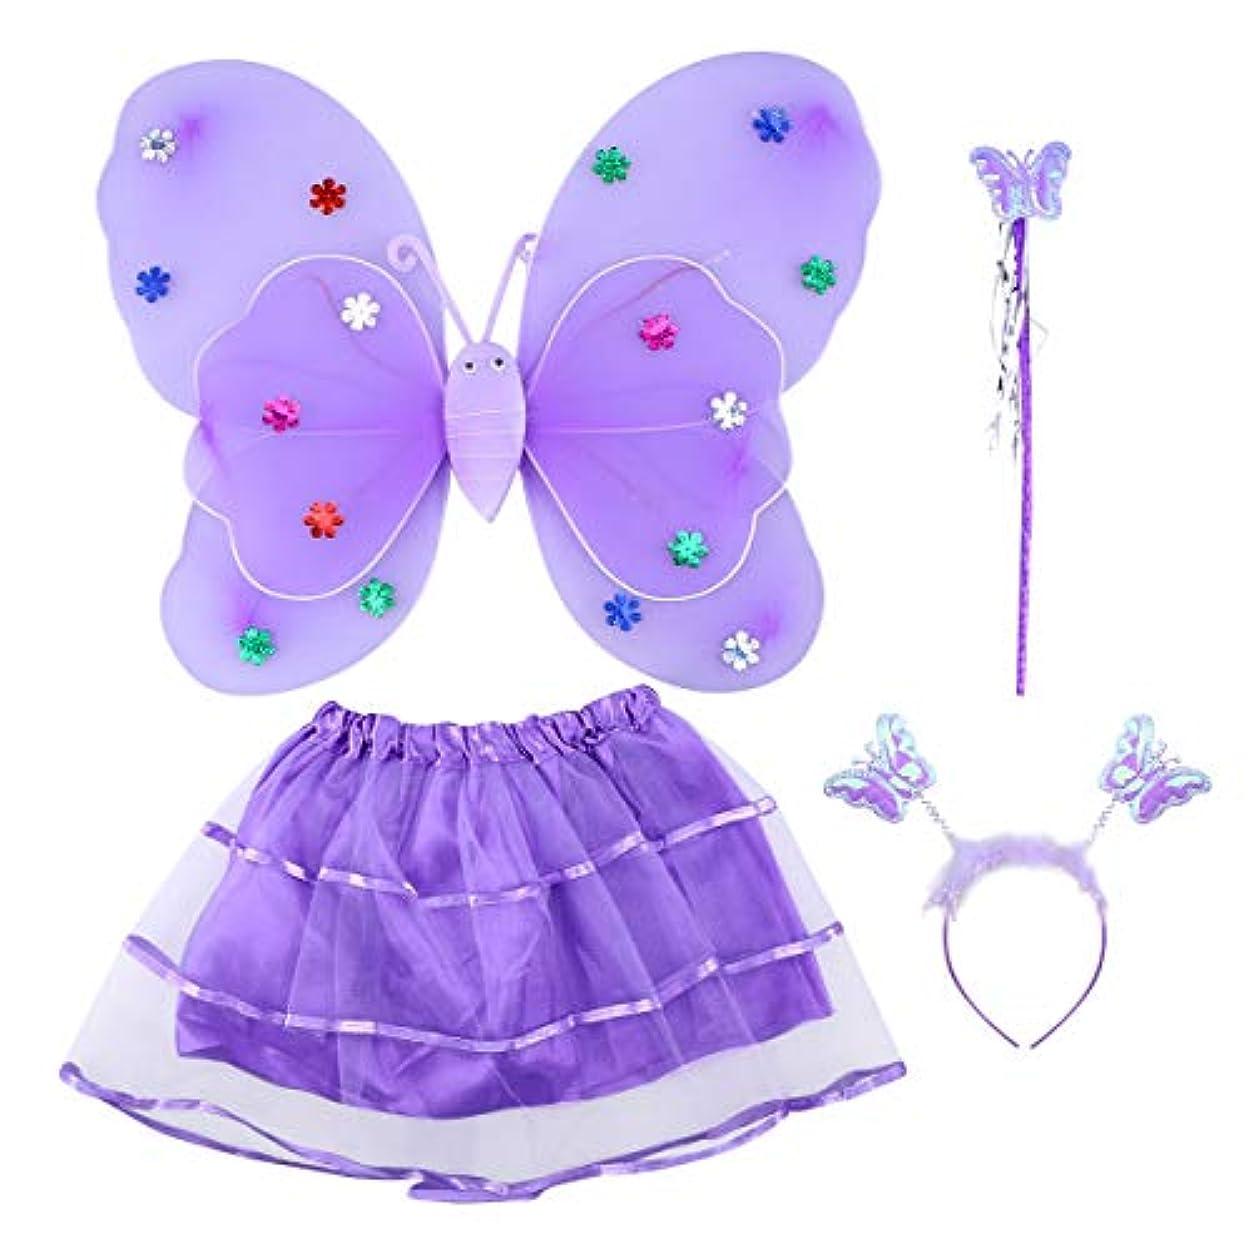 ラフト謙虚な毎回BESTOYARD 4本の女の子のチュチュスカート蝶の羽の杖LEDライトフェアリーコスチュームセット二重層蝶の羽の杖ヘッドバンドパーティーコスチュームセット(パープル)